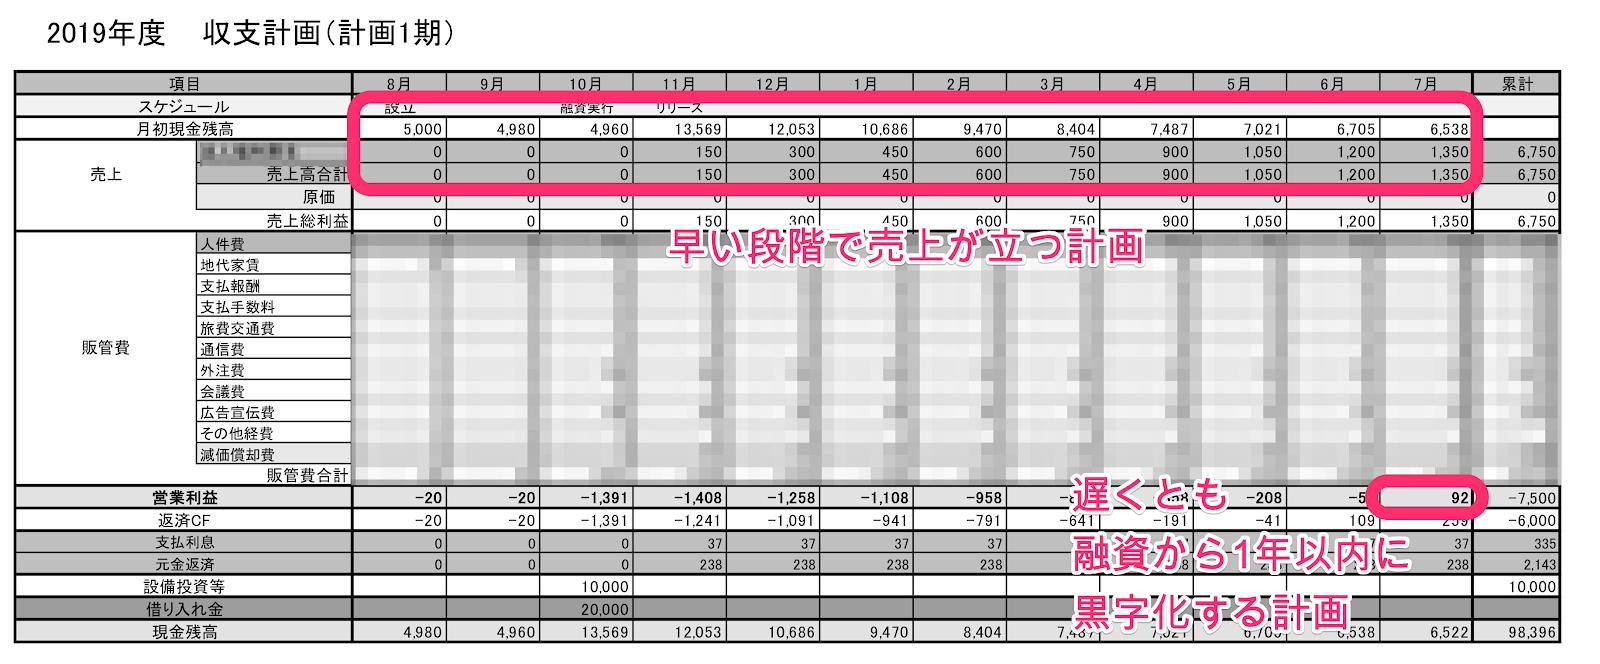 事業計画書収支計画表サンプル図